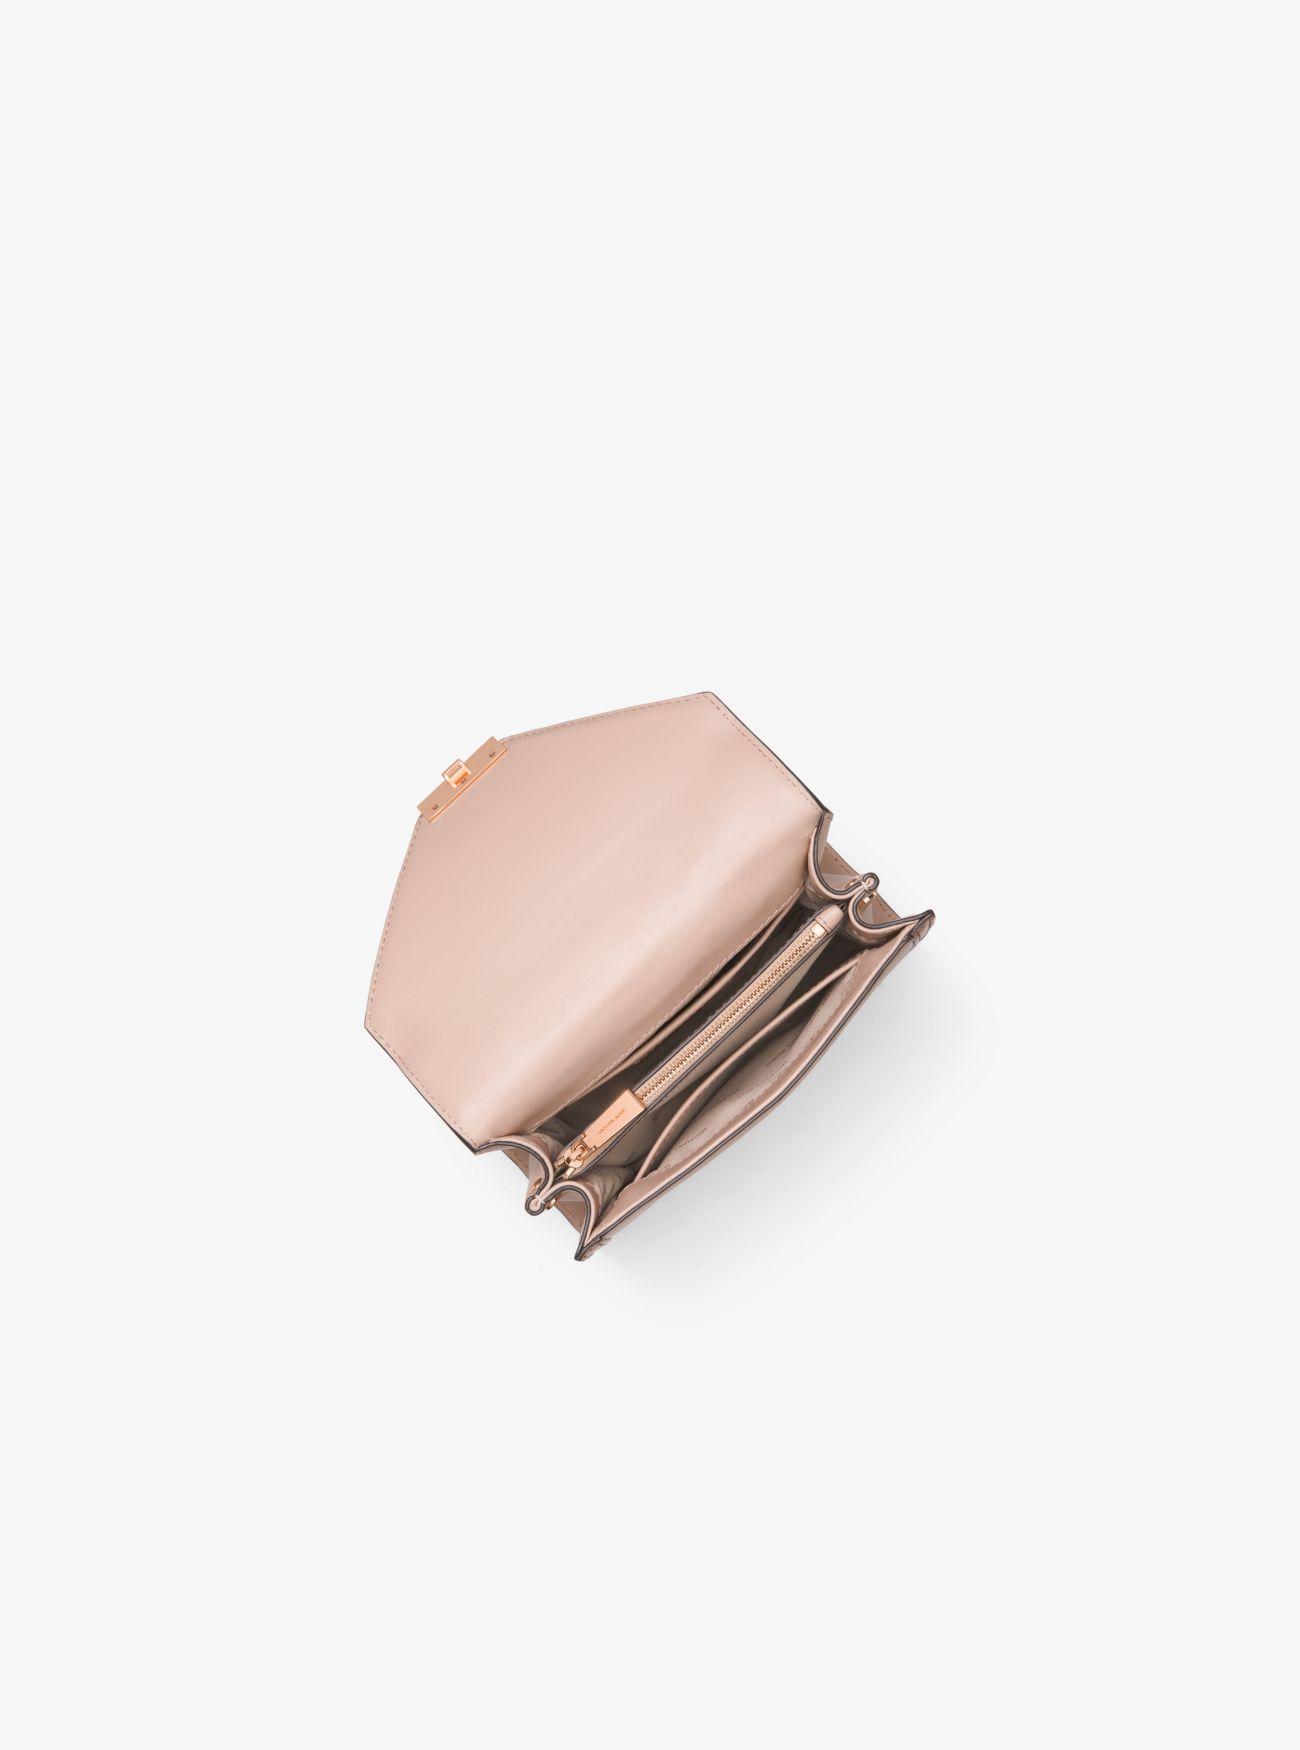 ... Borsa a spalla Whitney convertibile piccola in pelle bicolore ... dc03aa7980d